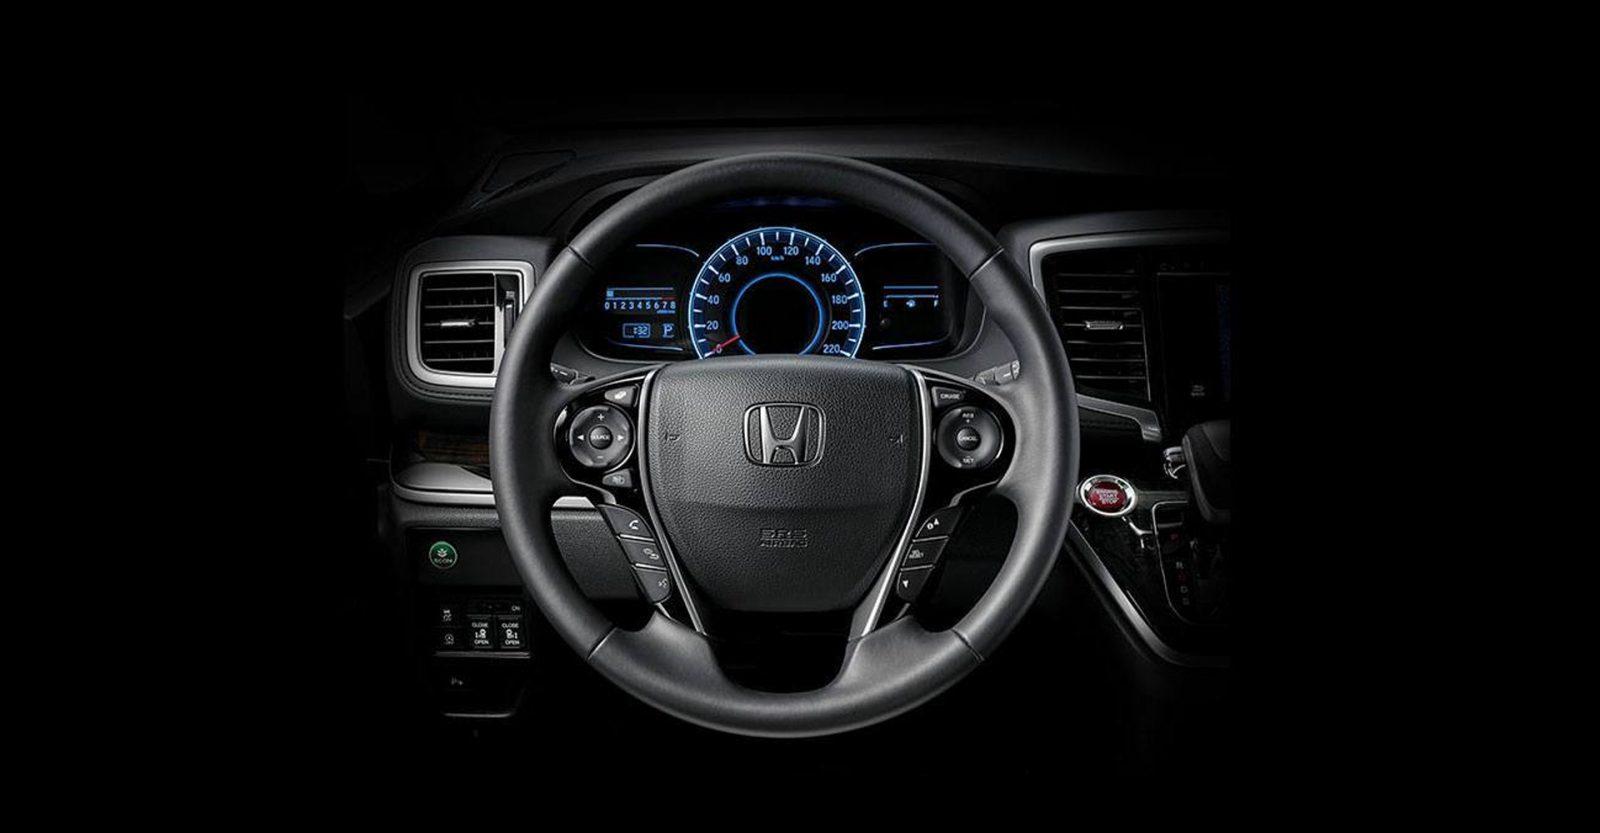 Honda odysey